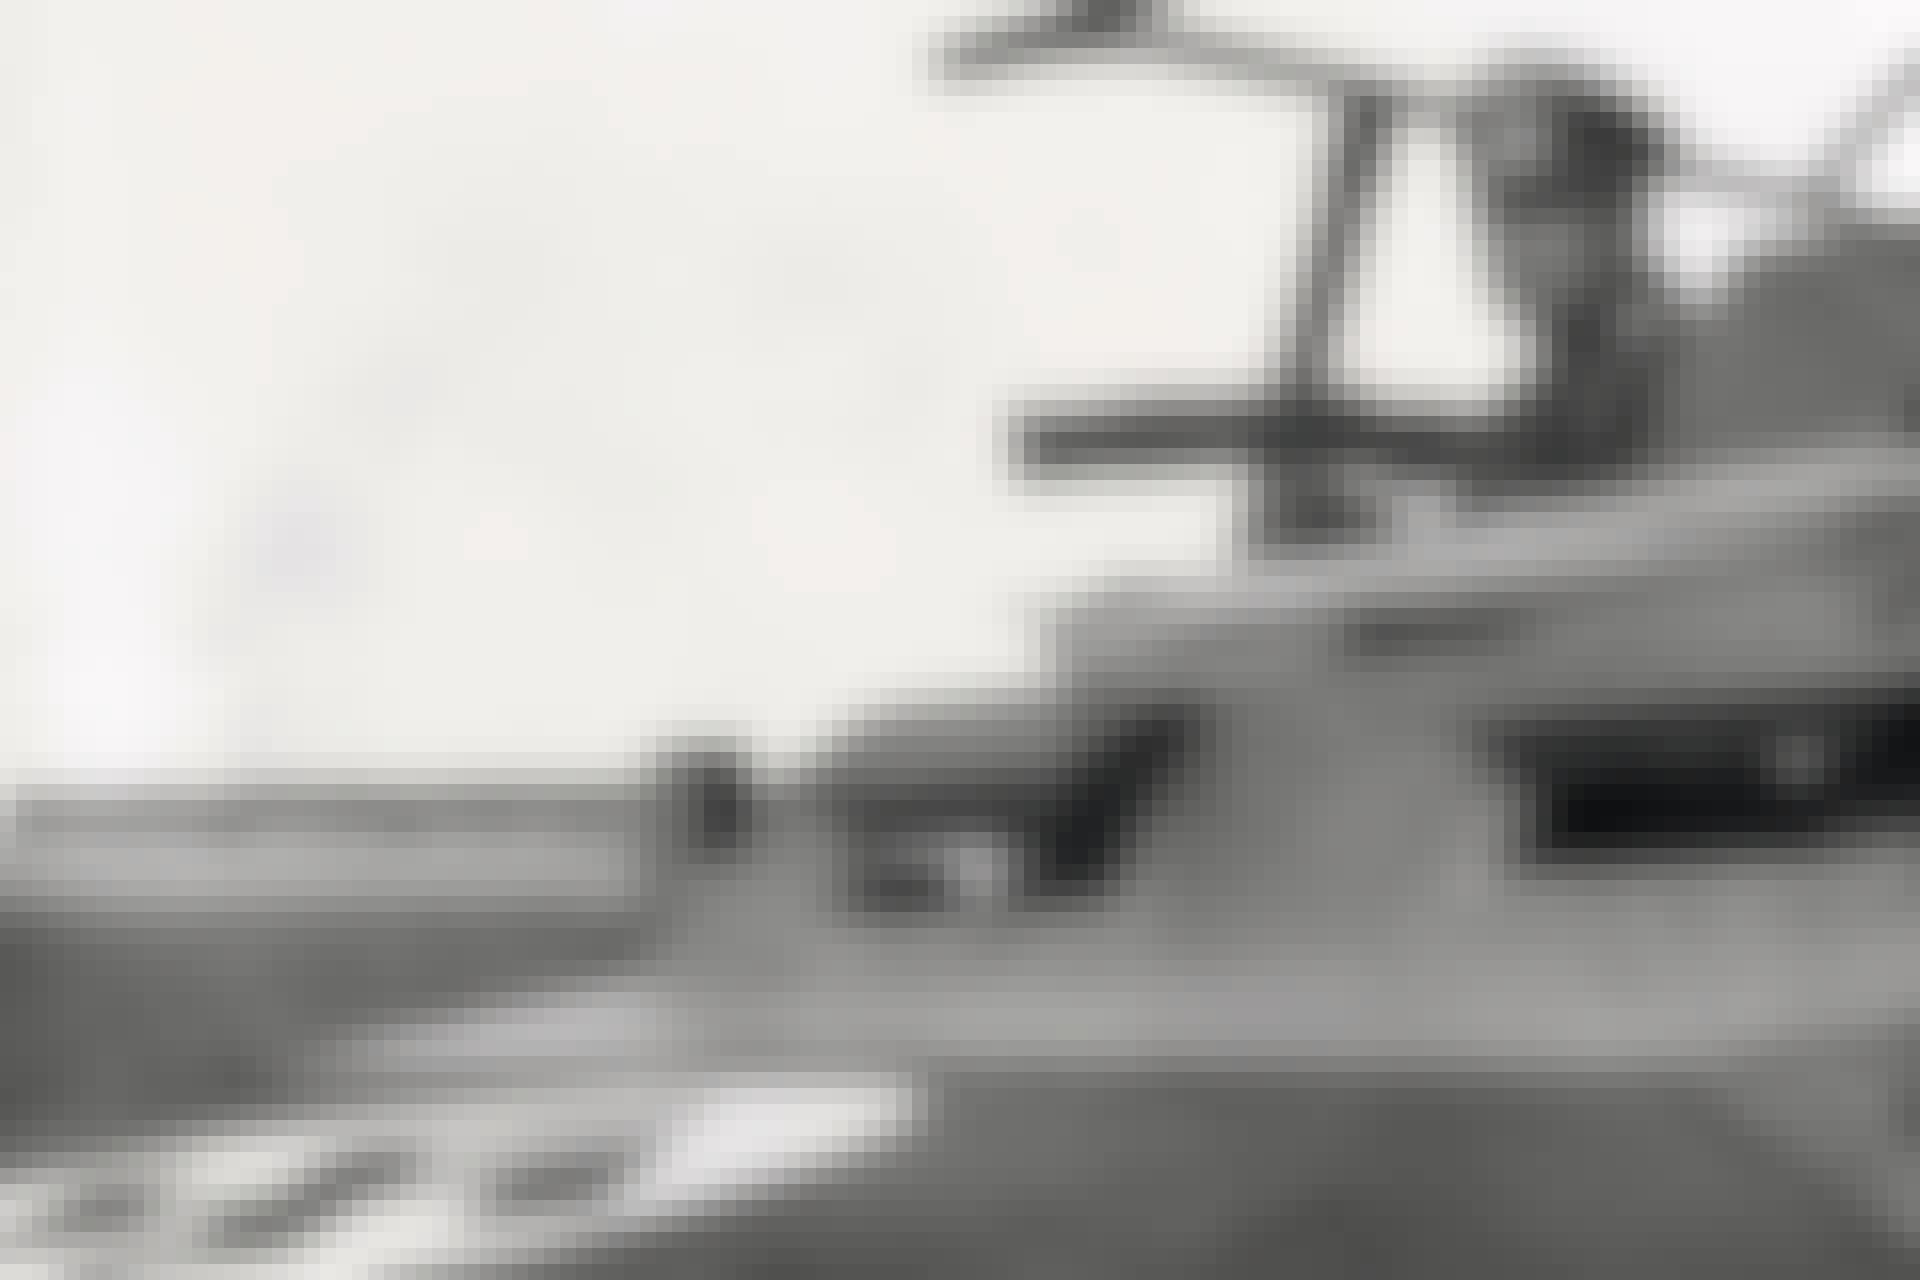 Heinz Guderian i en befälsvagn SdKfz 251/6 under slaget vid Baturin september 1941.